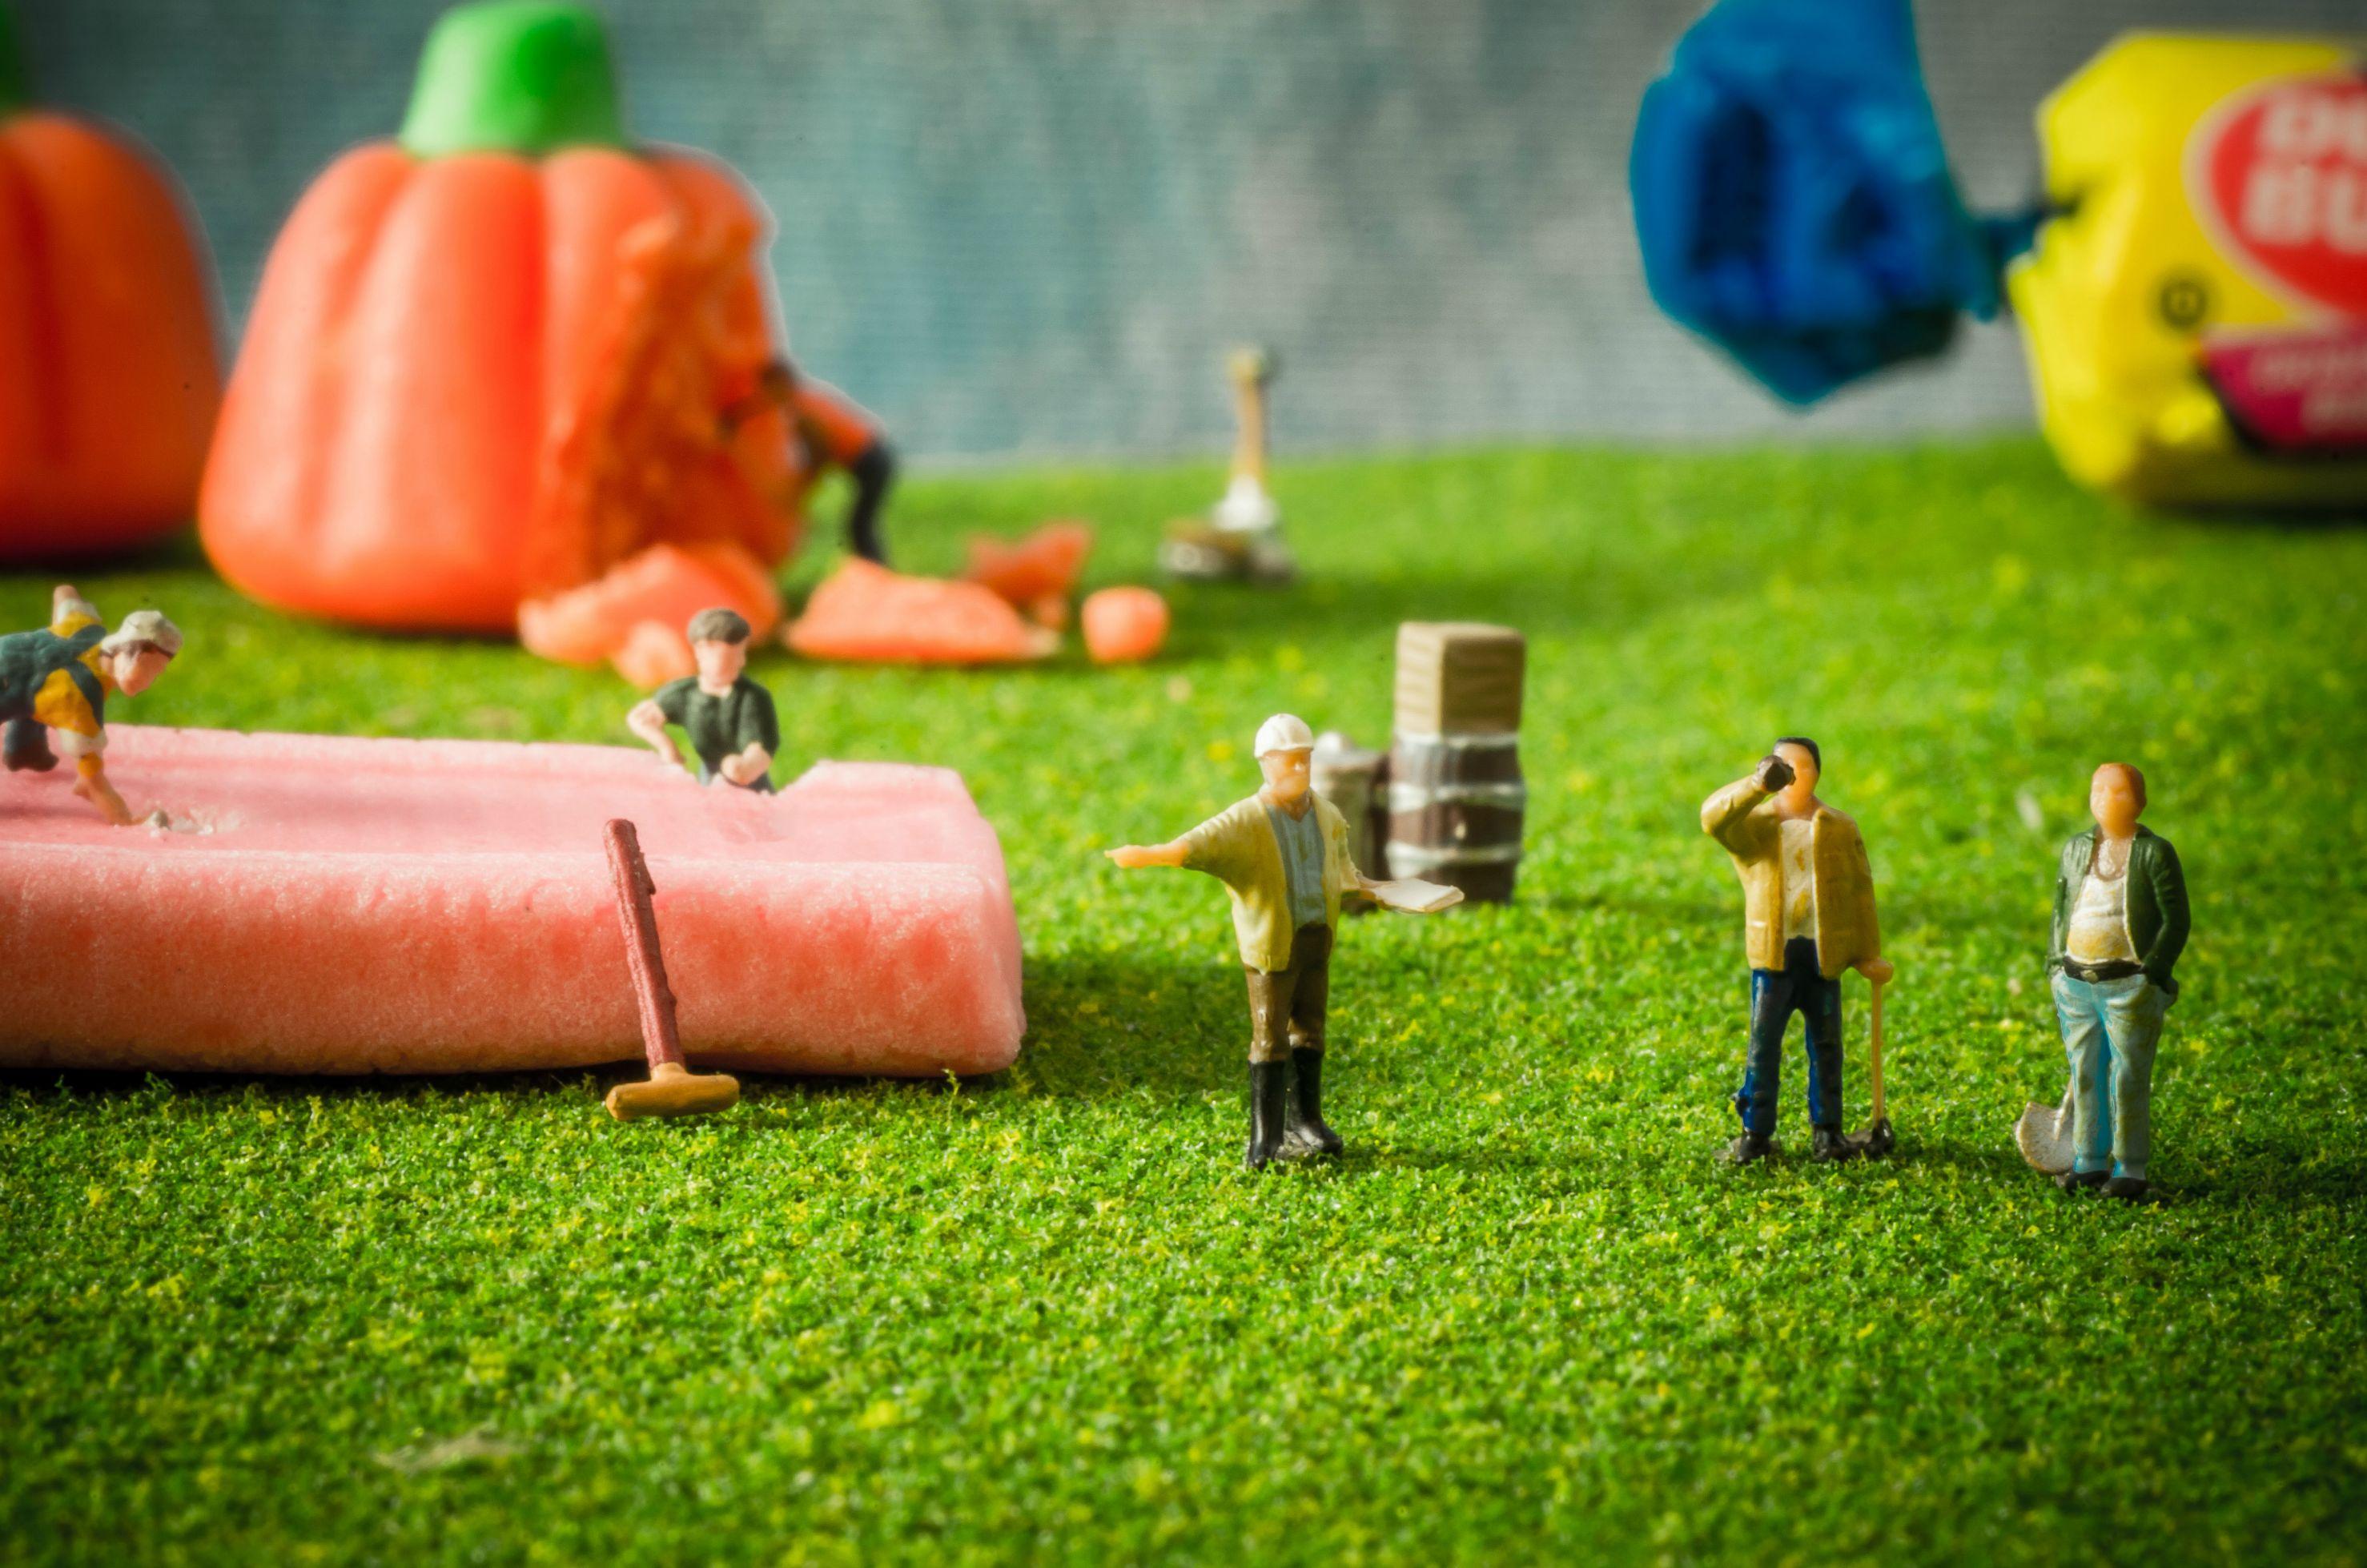 little people toy macro photography